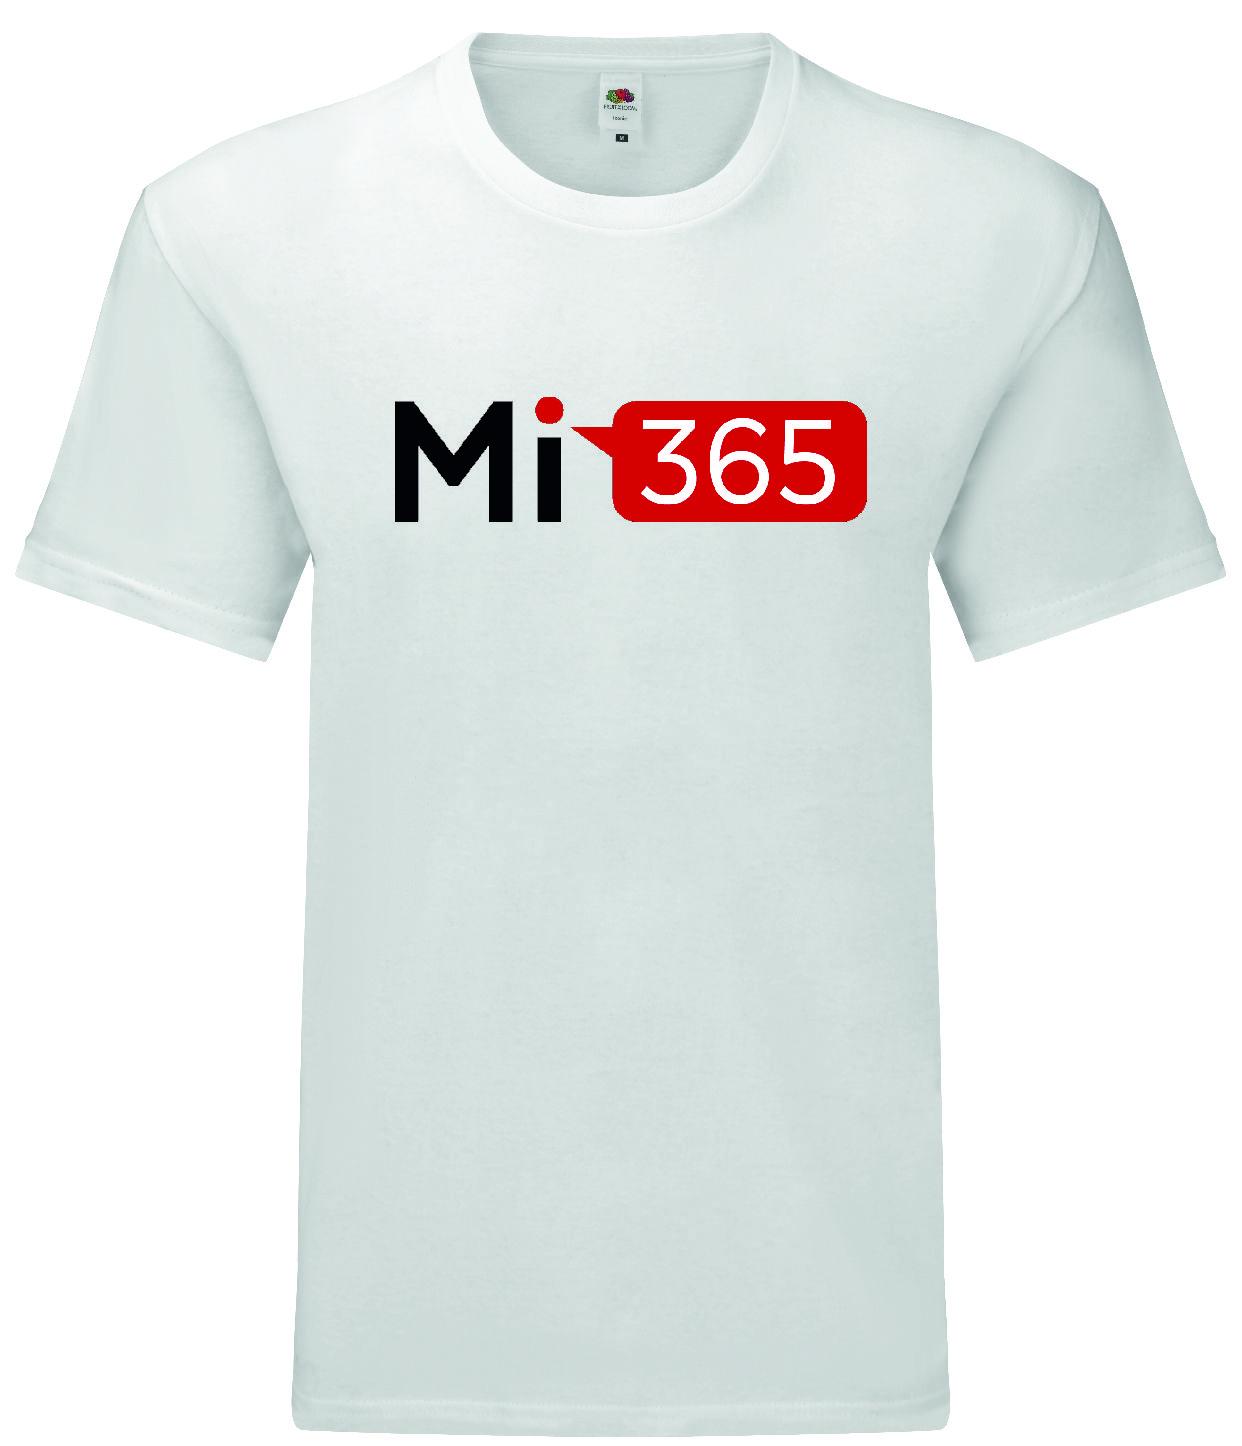 Mi365 - Tee